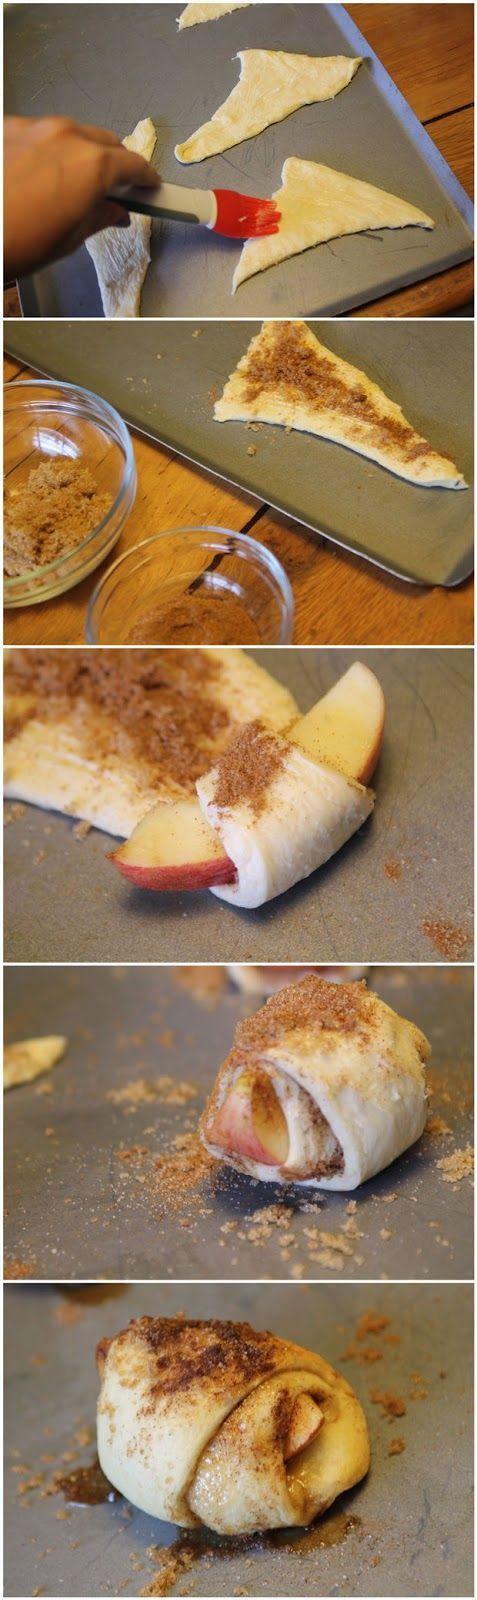 Chaussons aux pommes et épices faciles à faire avec les enfants... j'enlèverais la pelure des pommes par contre